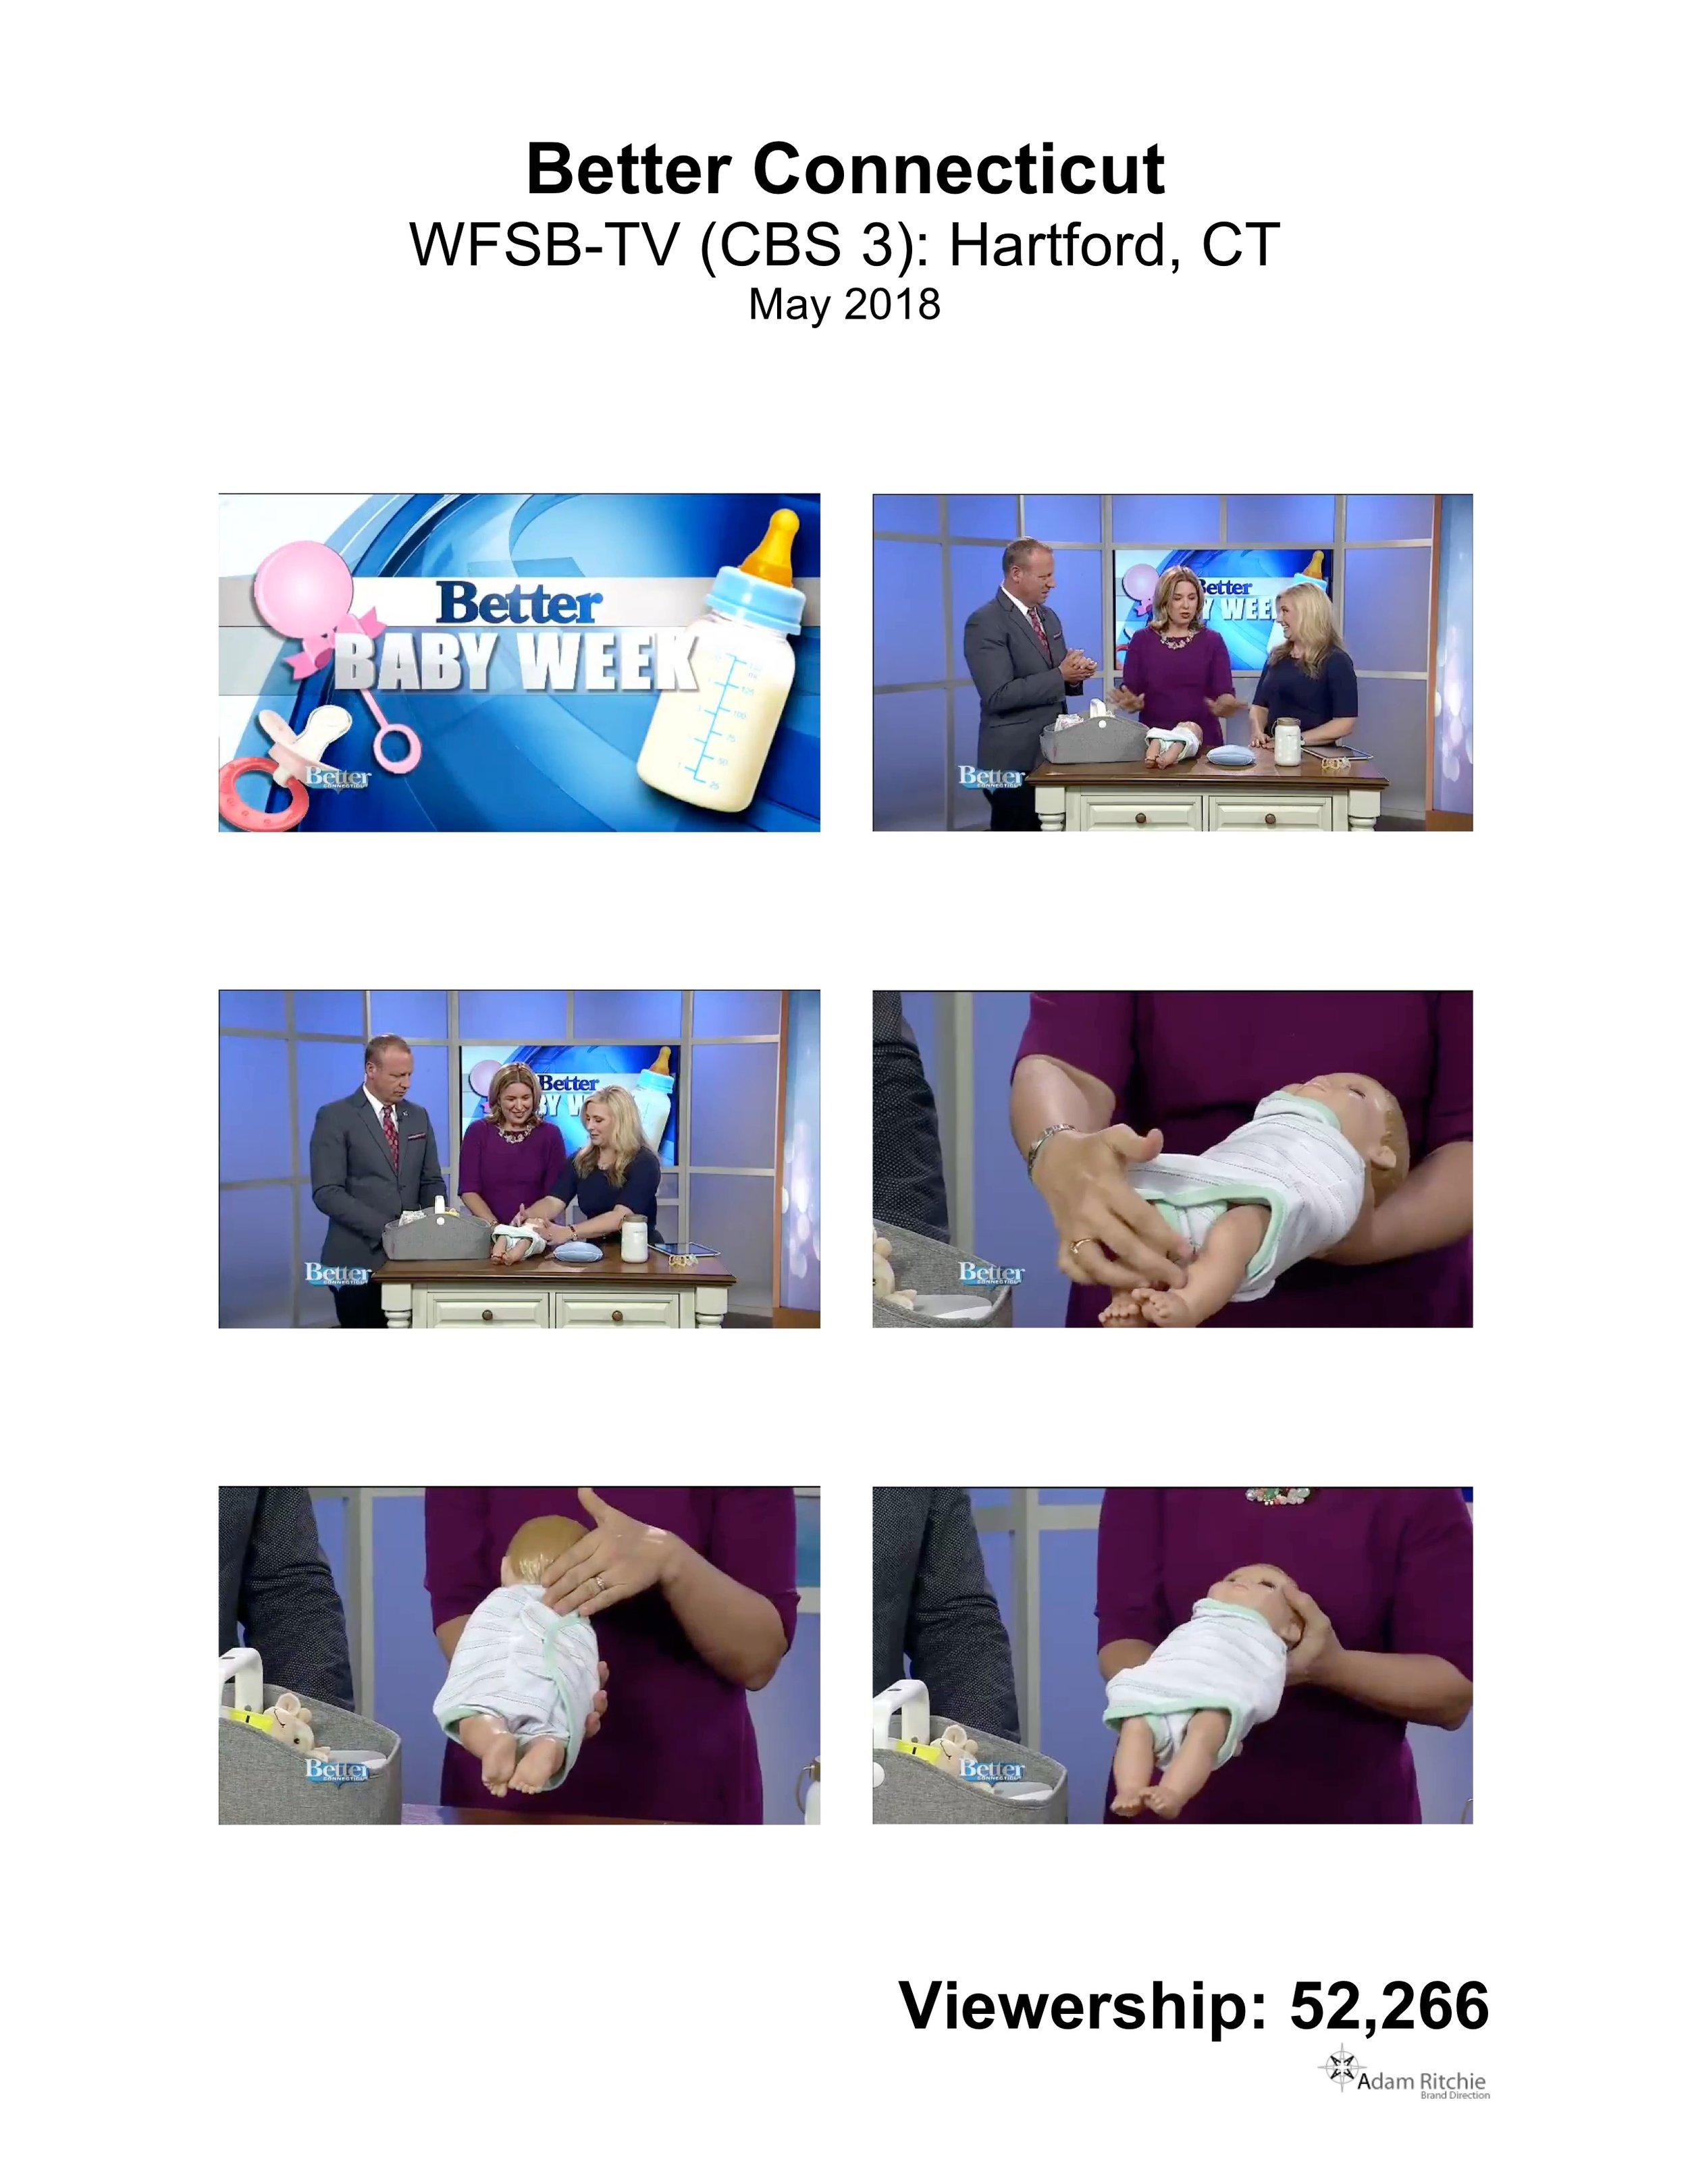 2018.05.07-05.13_WFSB-TV (CBS 3) [Better Connecticut]_SwaddleMe Kicksie.jpeg